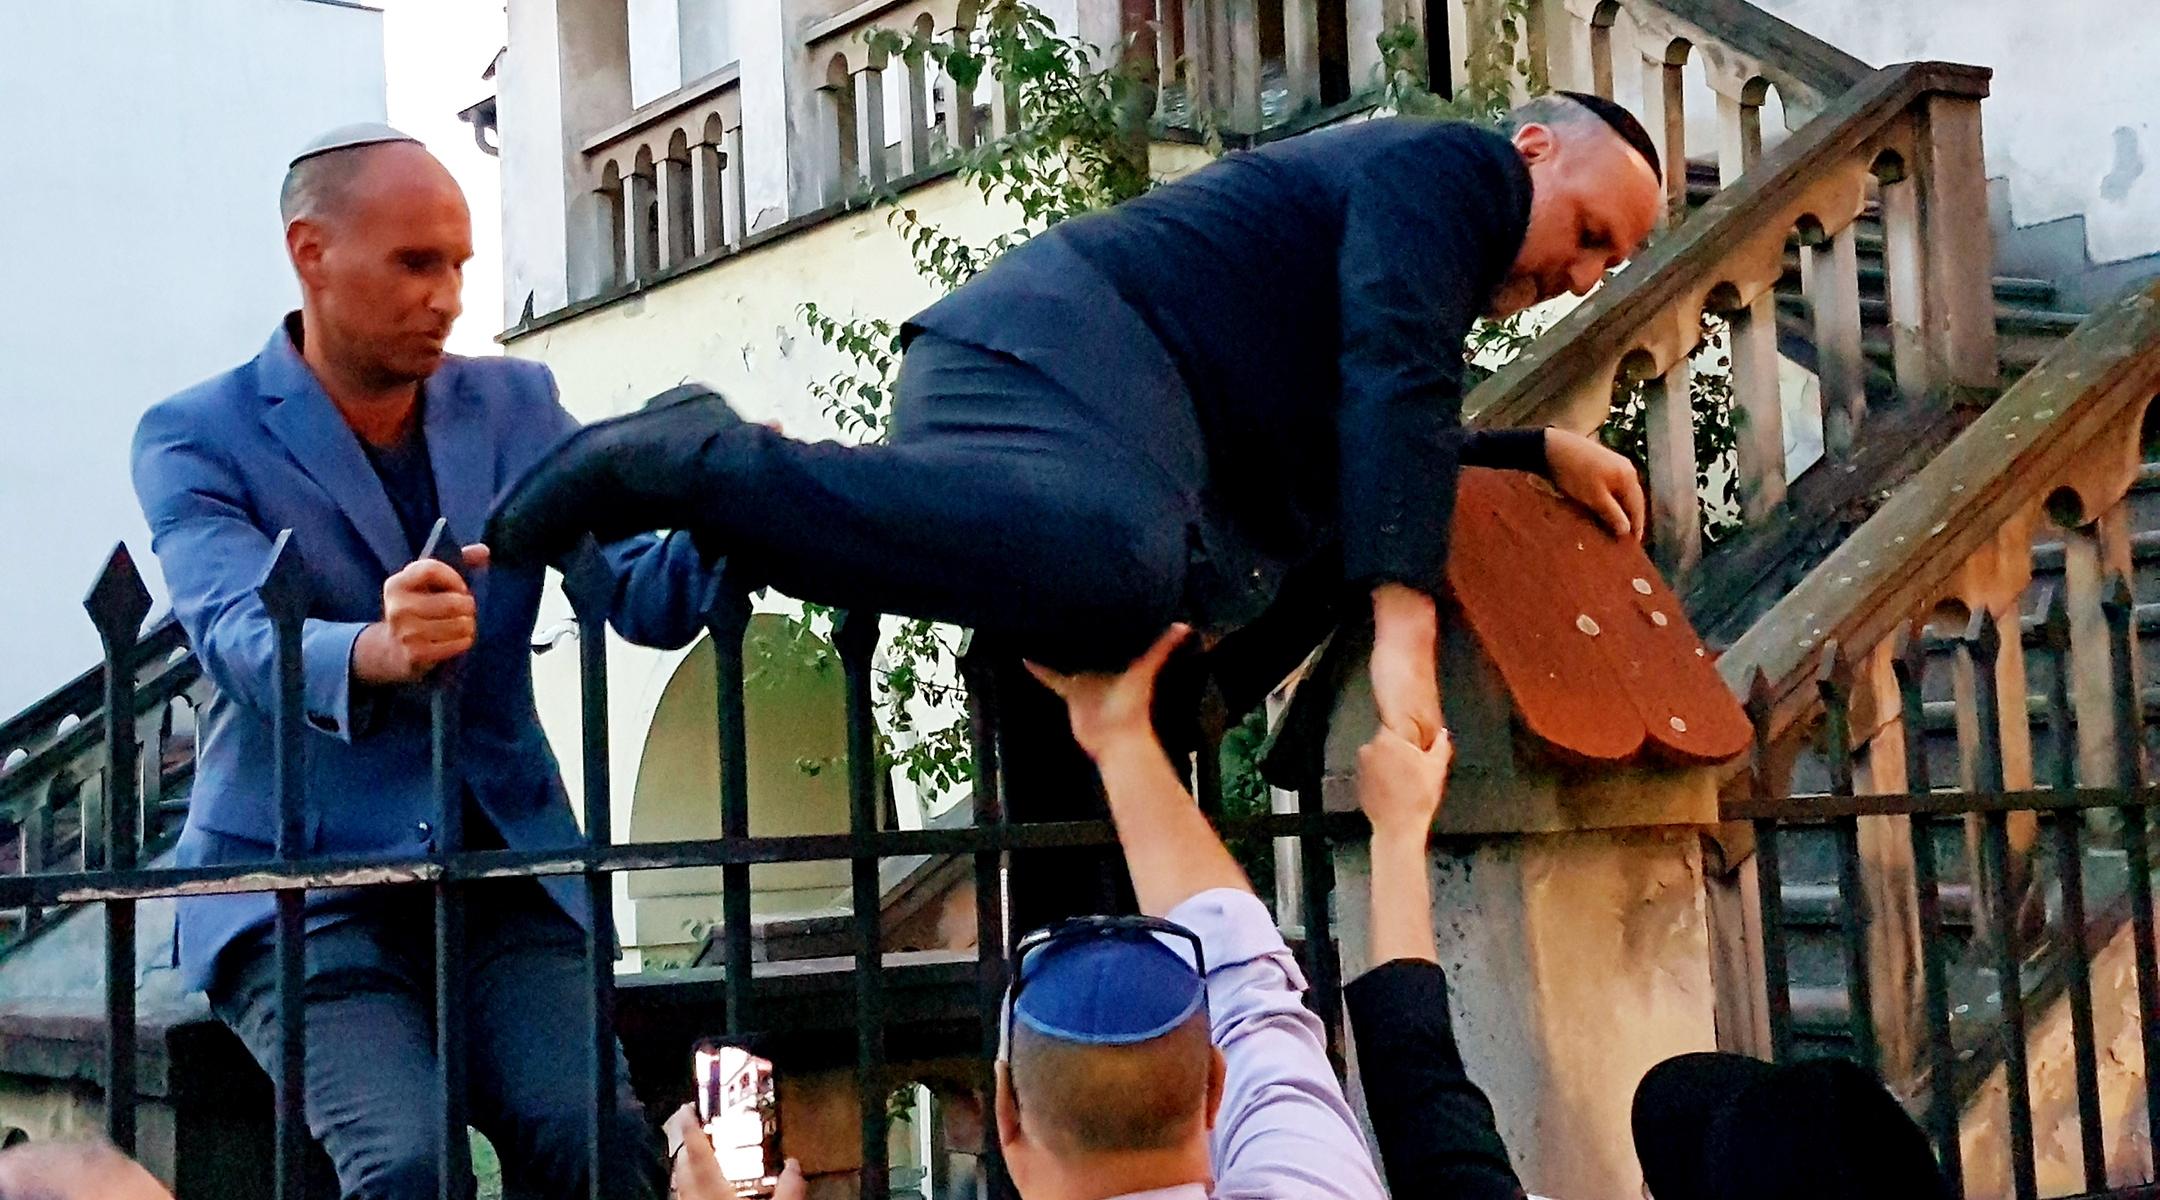 Le rabbin Michael Schudrich escalade la clôture de la synagogue Izaak barricadée à Cracovie, en Pologne, le 4 juillet 2019. (Shimon Briman)